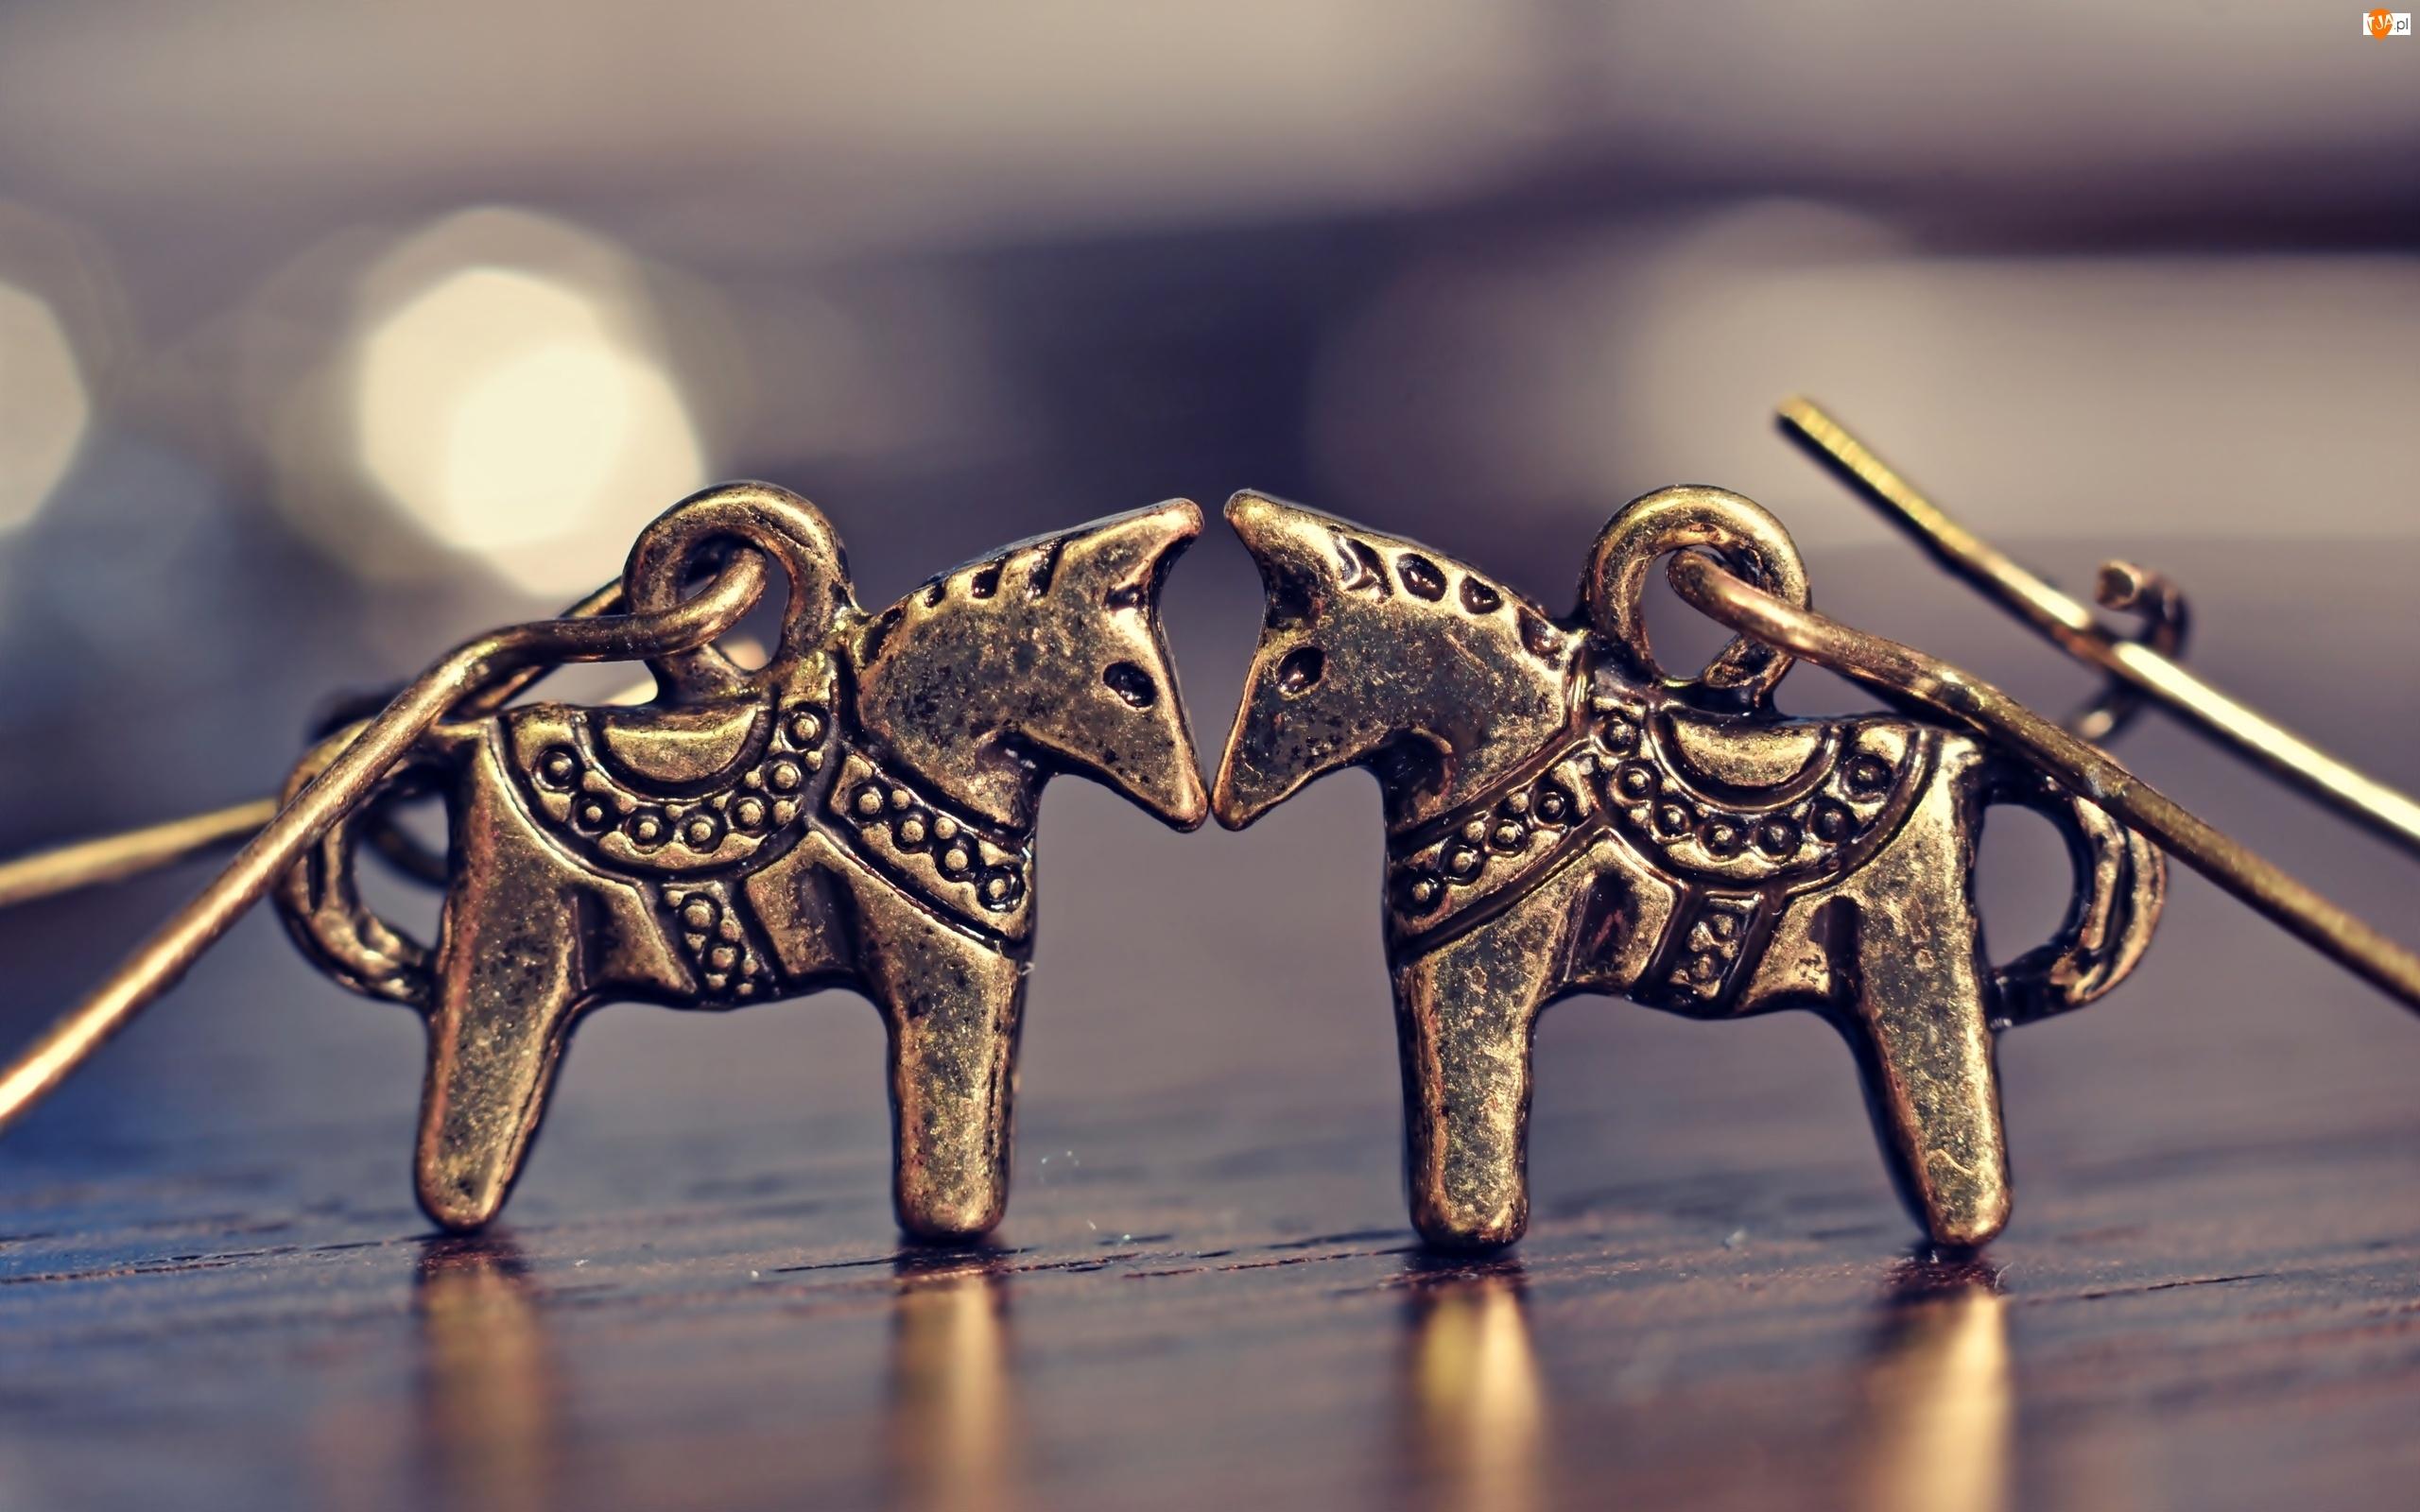 Konie, Makro, Kolczyki, Biżuteria, Brąz